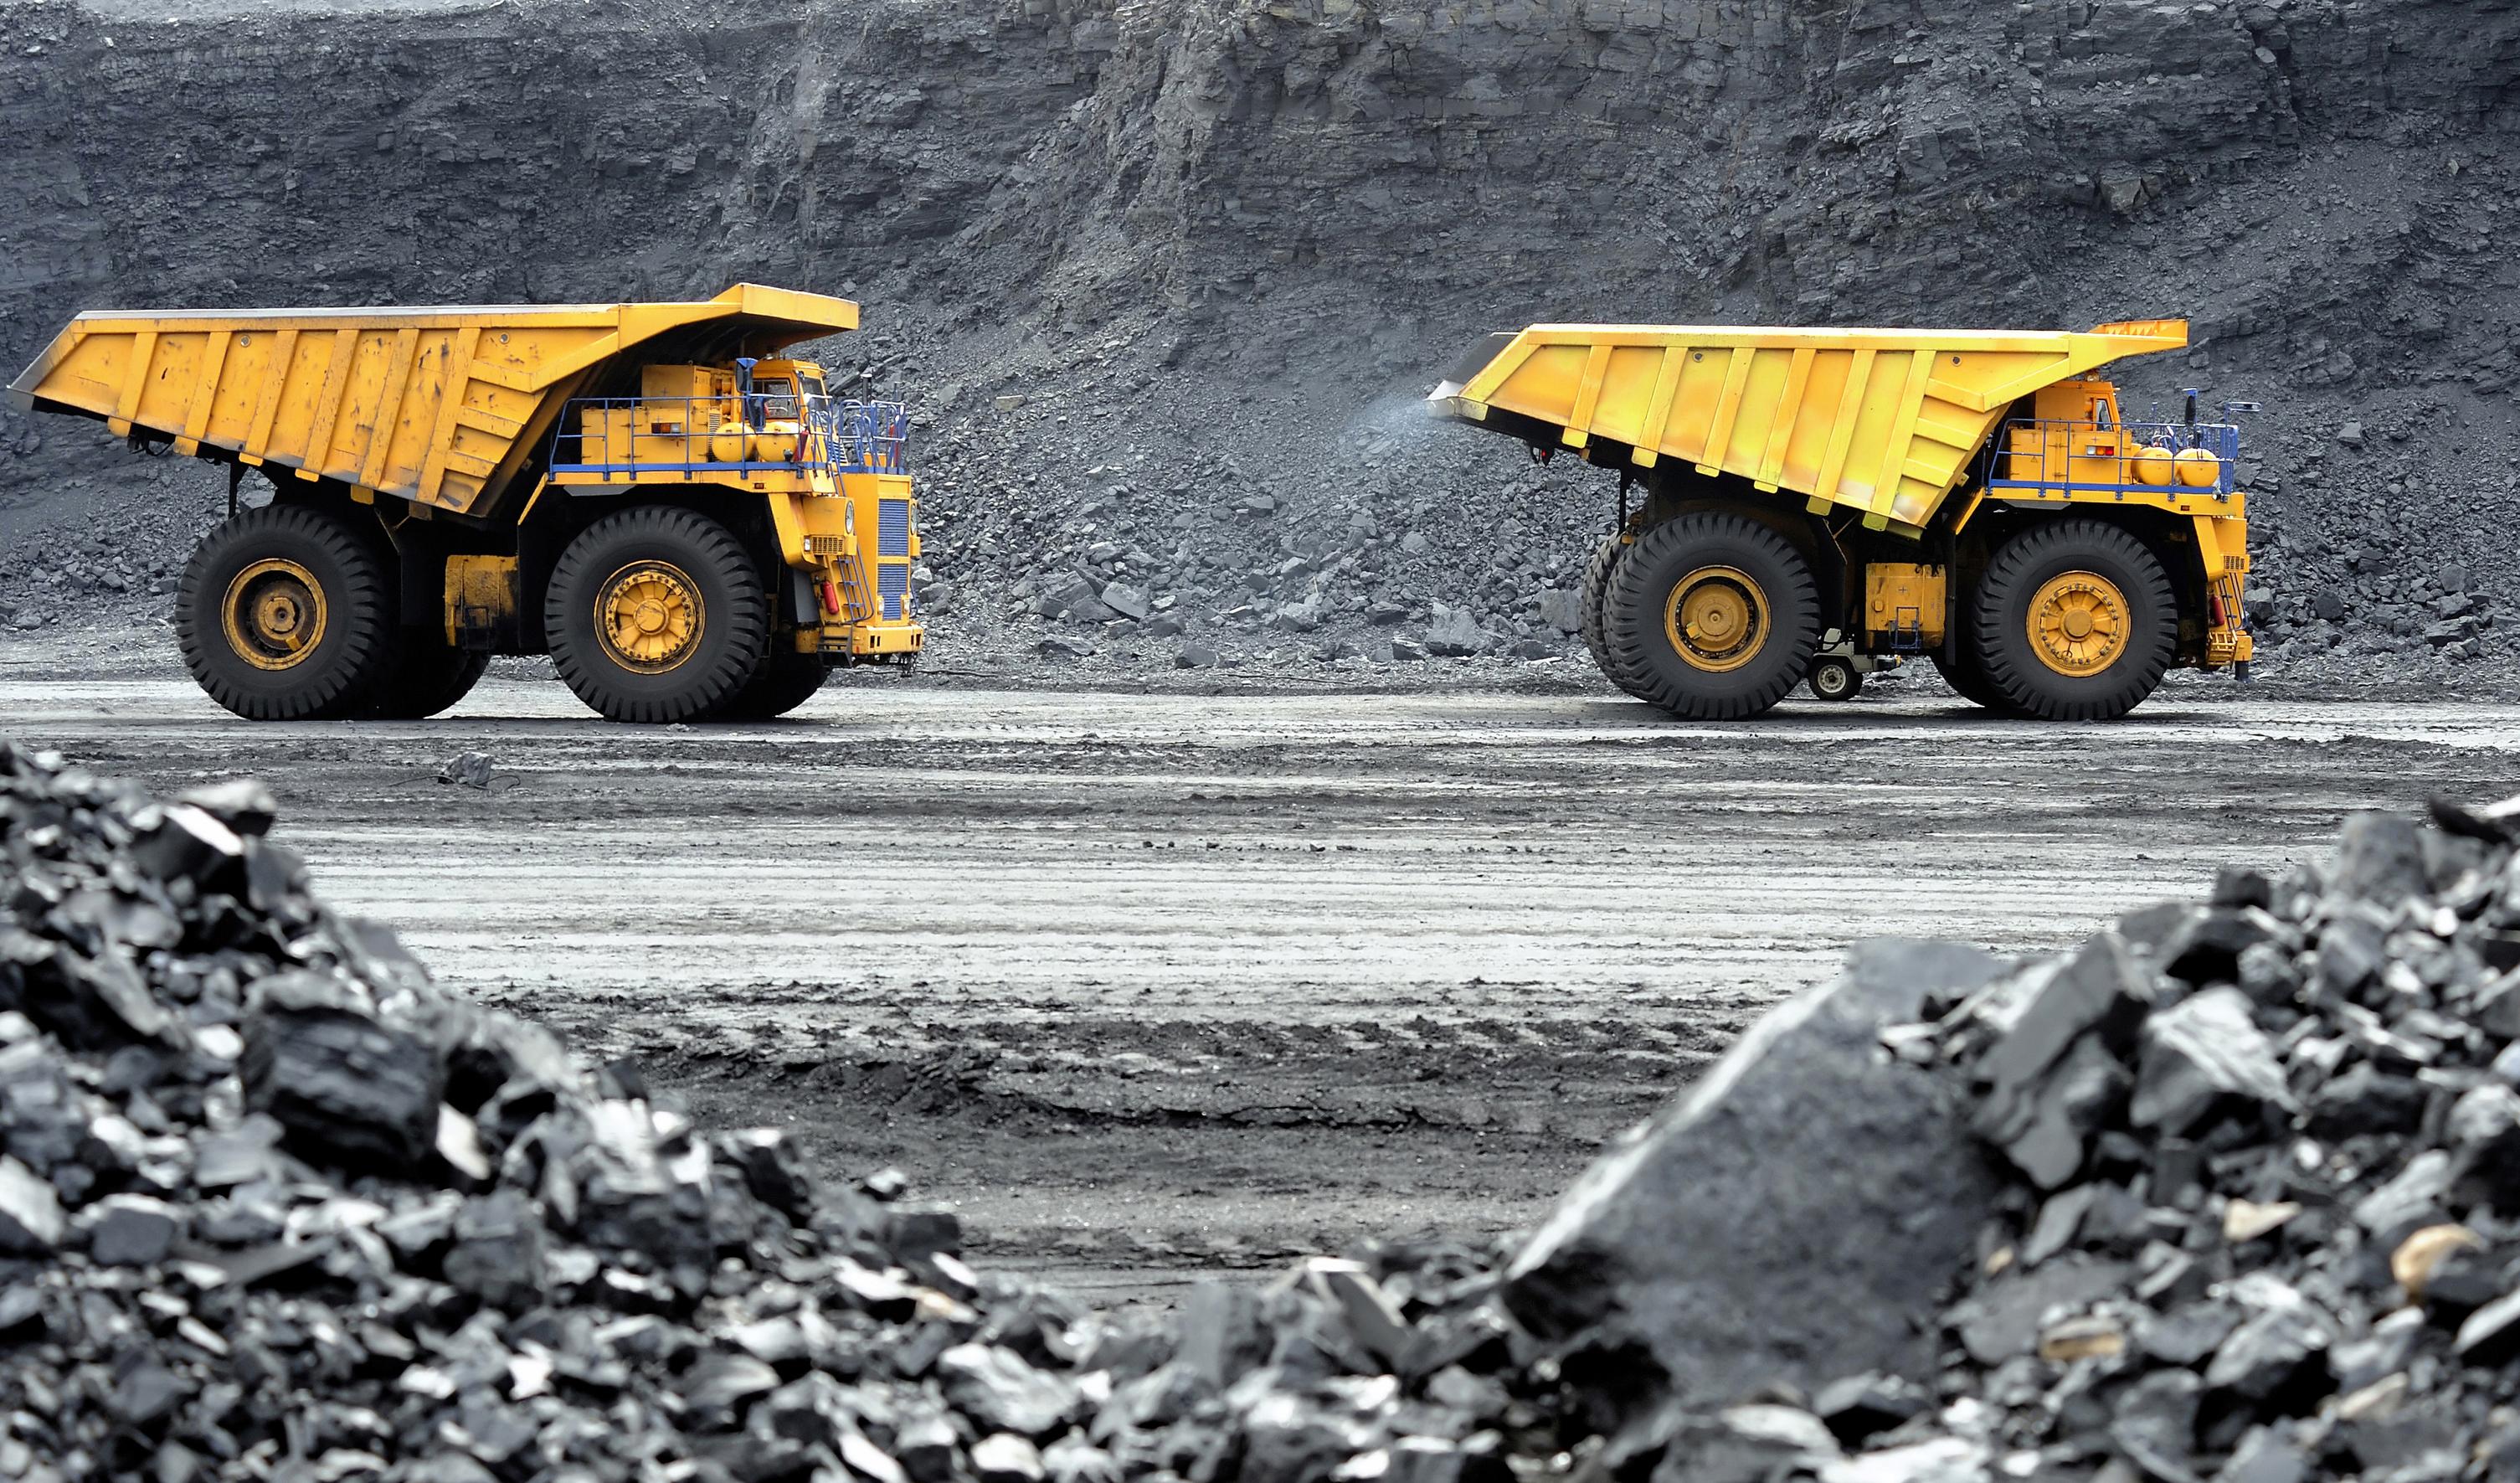 استخراج ۱۹ هزار و ۳۸۹ تن ماده معدنی درفروردین ماه